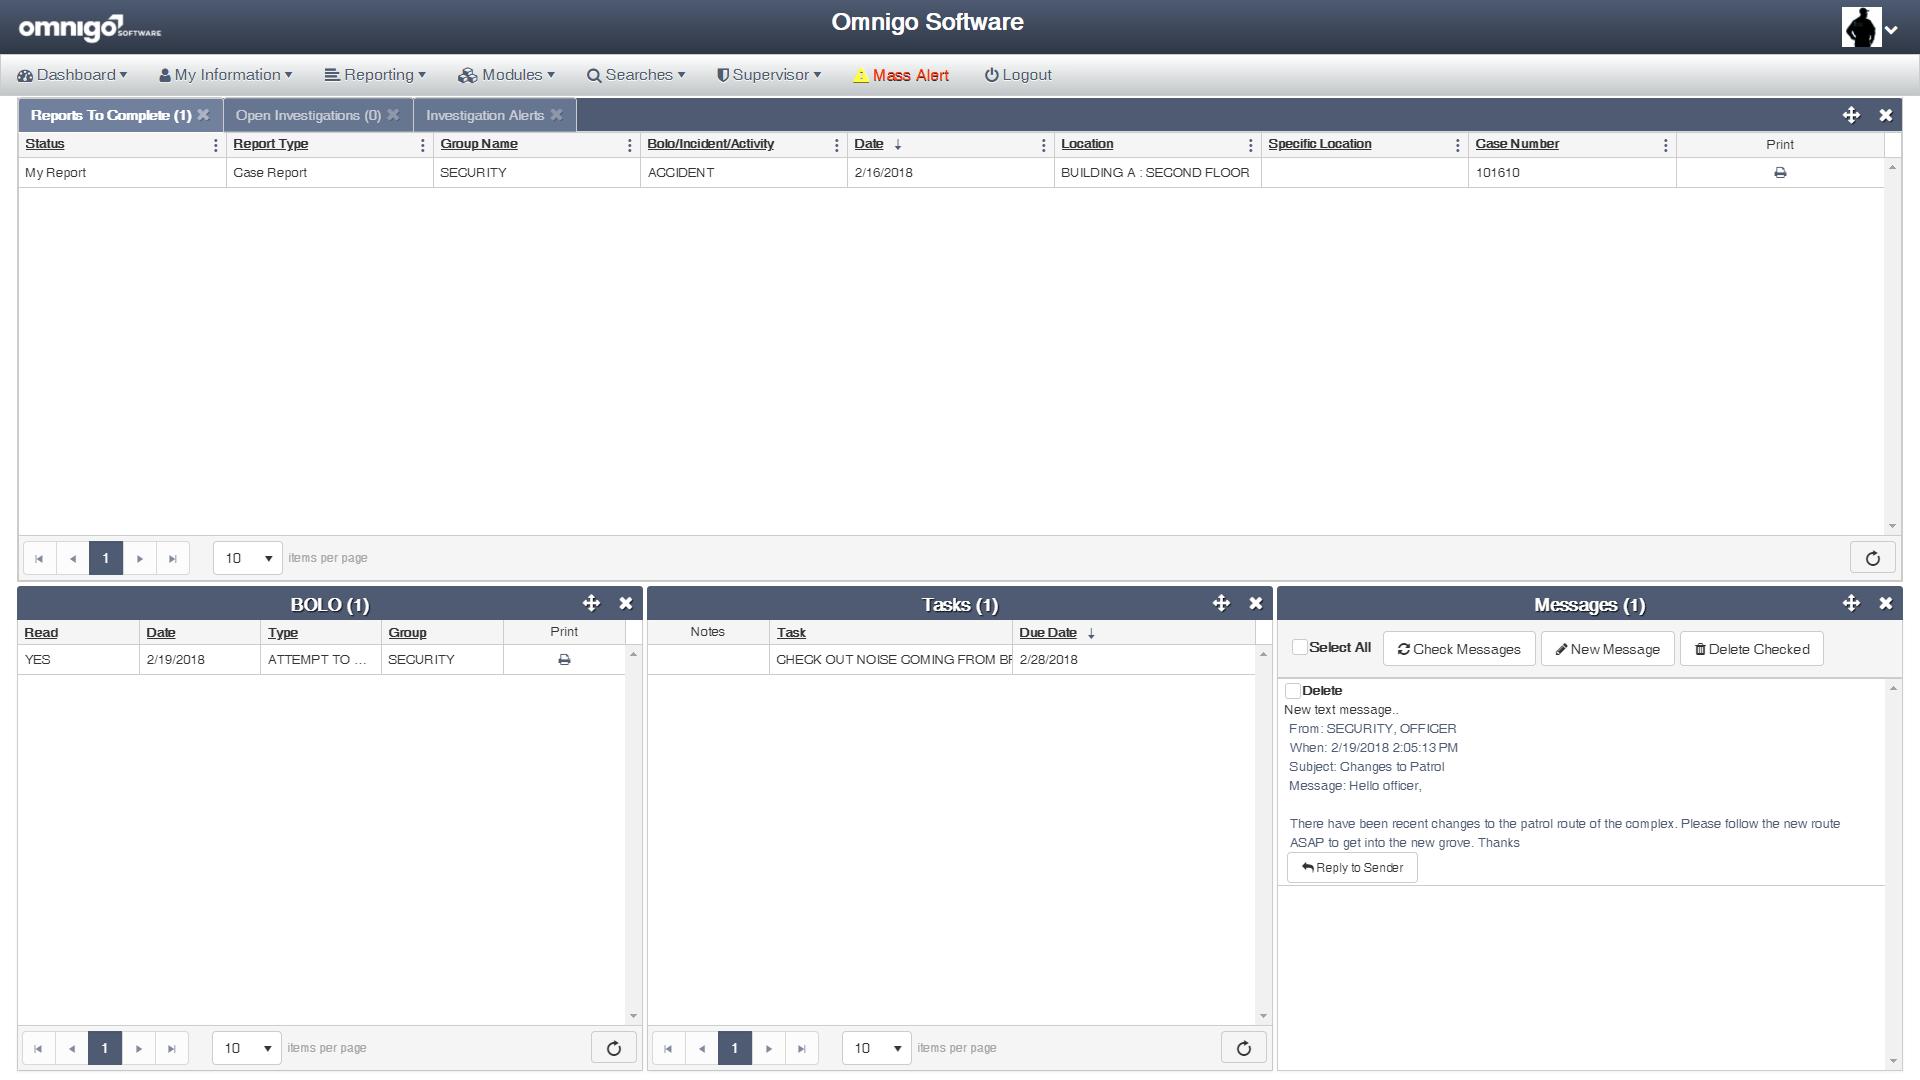 Omnigo Software - Omnigo - Main page